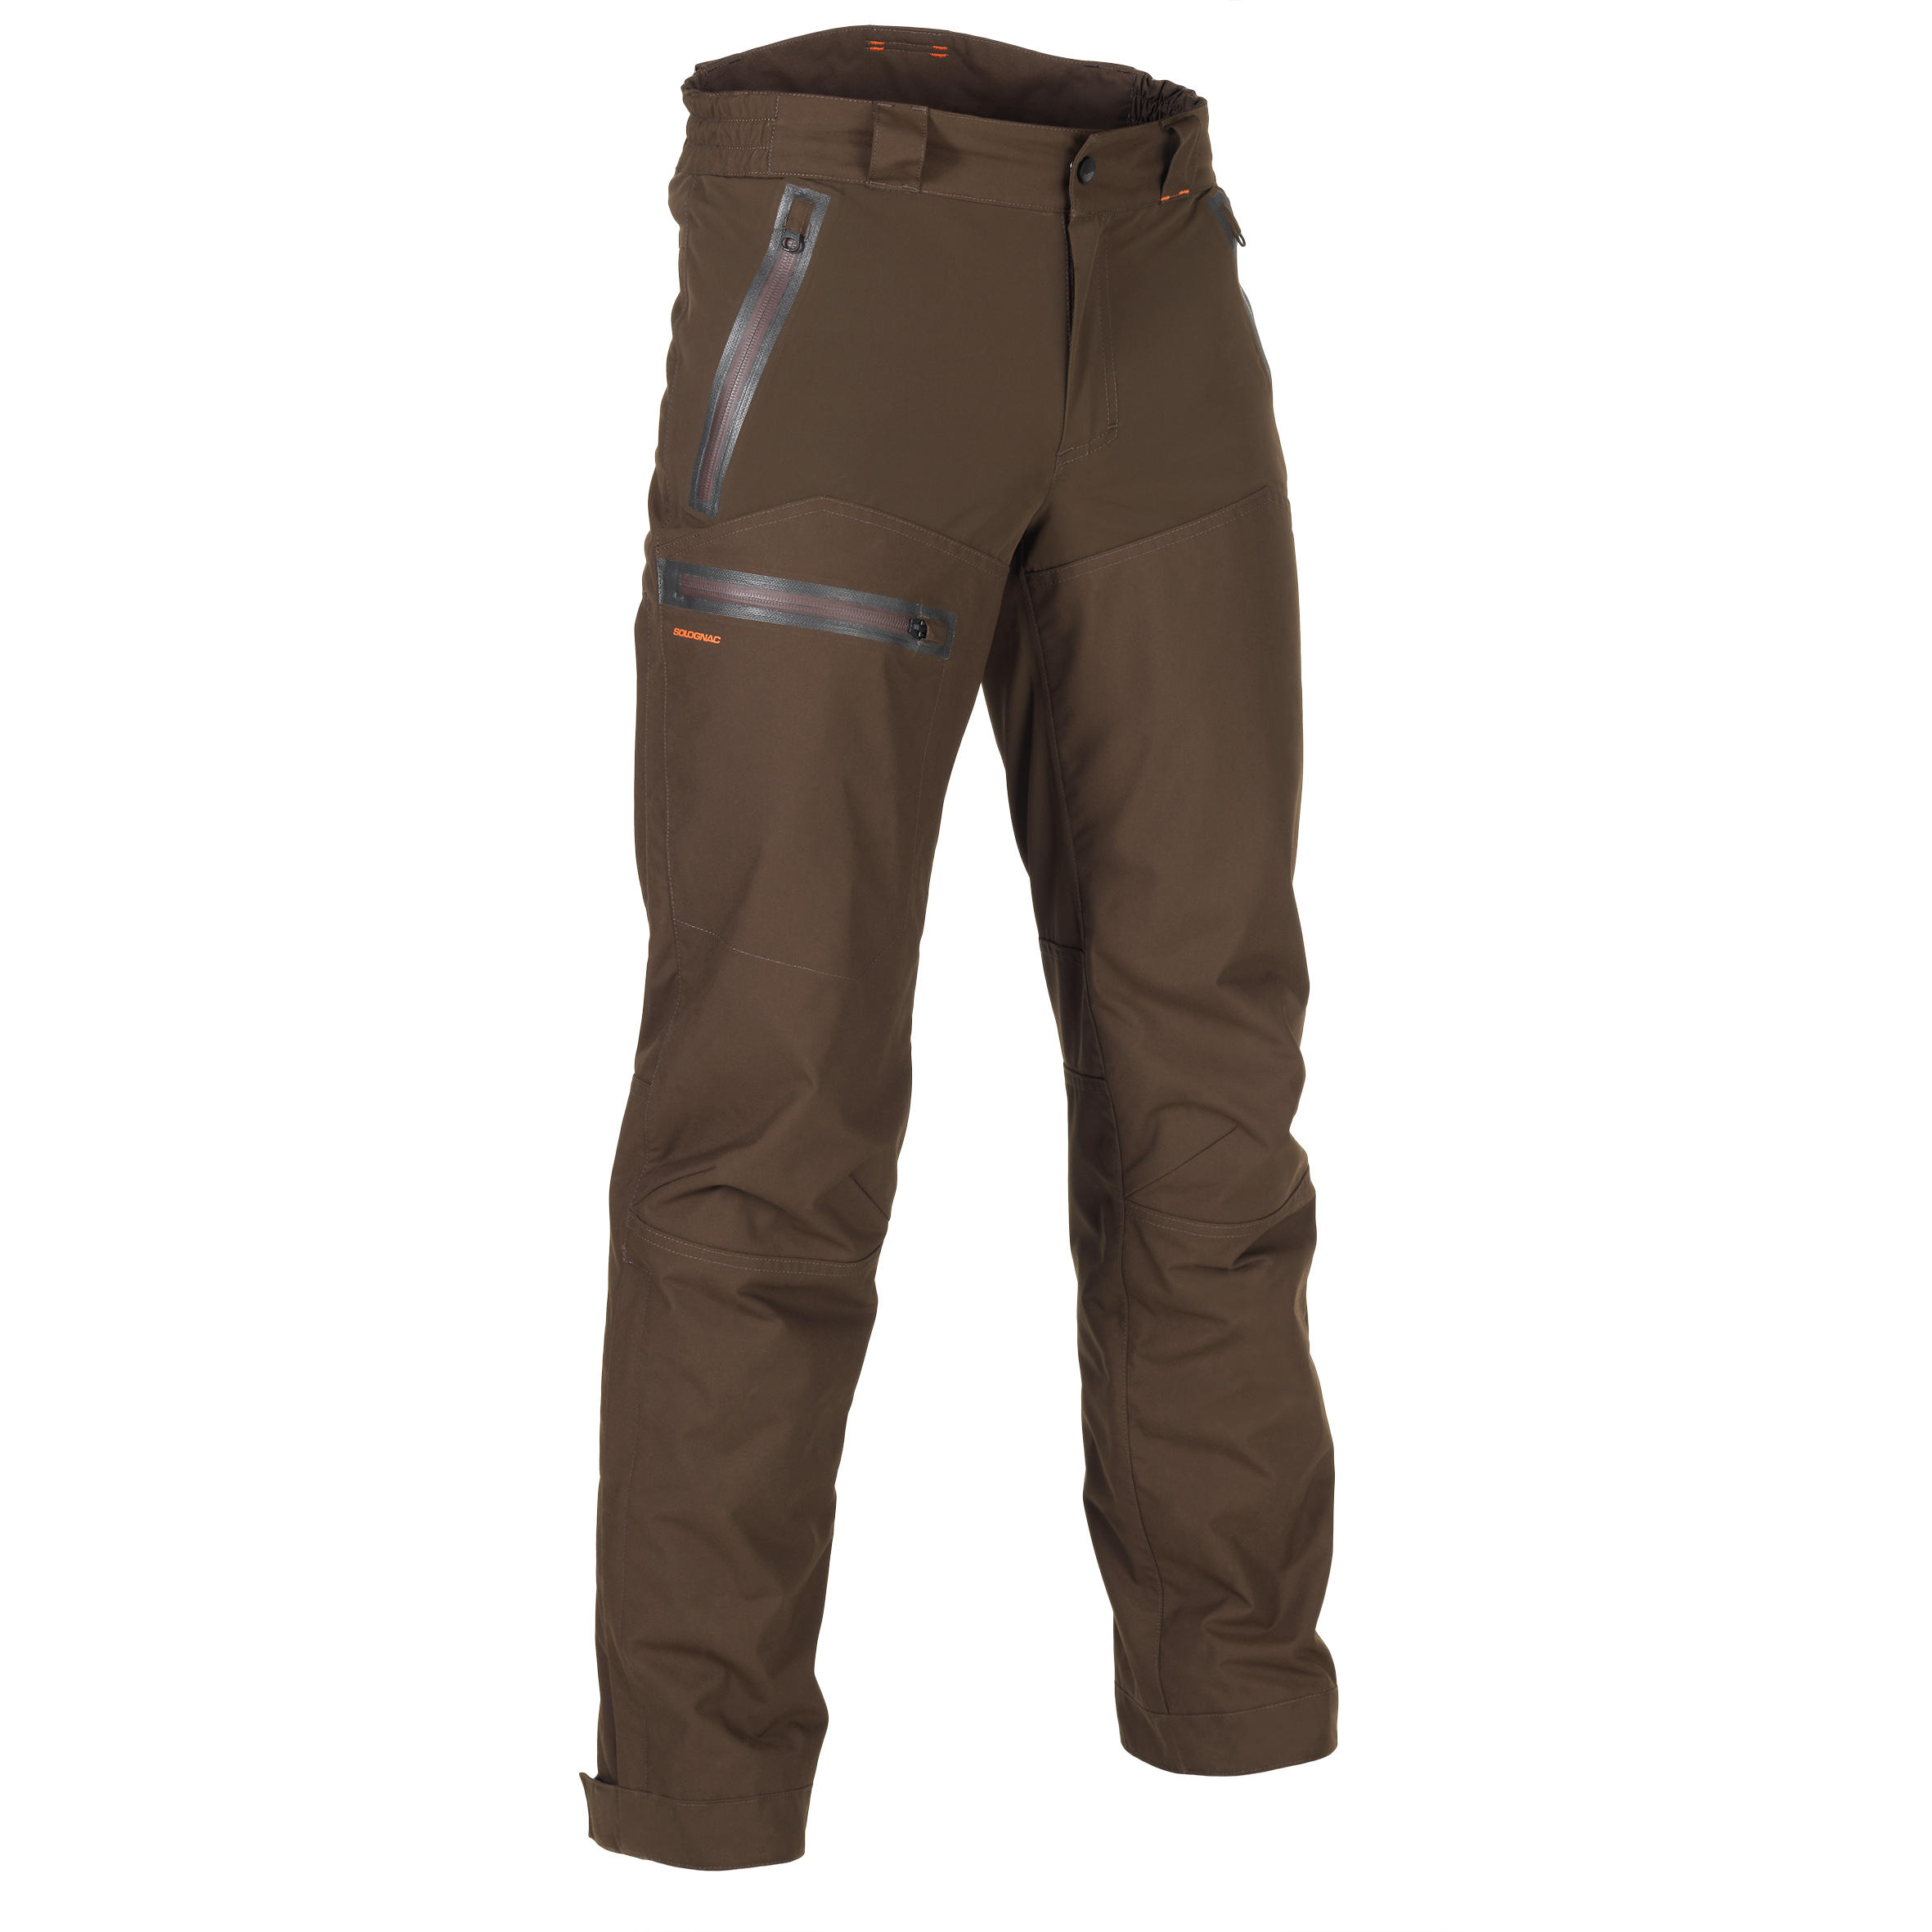 Jagd-Regenhose SGTR900WW verstärkt wasserdicht braun | Sportbekleidung > Sporthosen > Regenhosen | Braun | Solognac